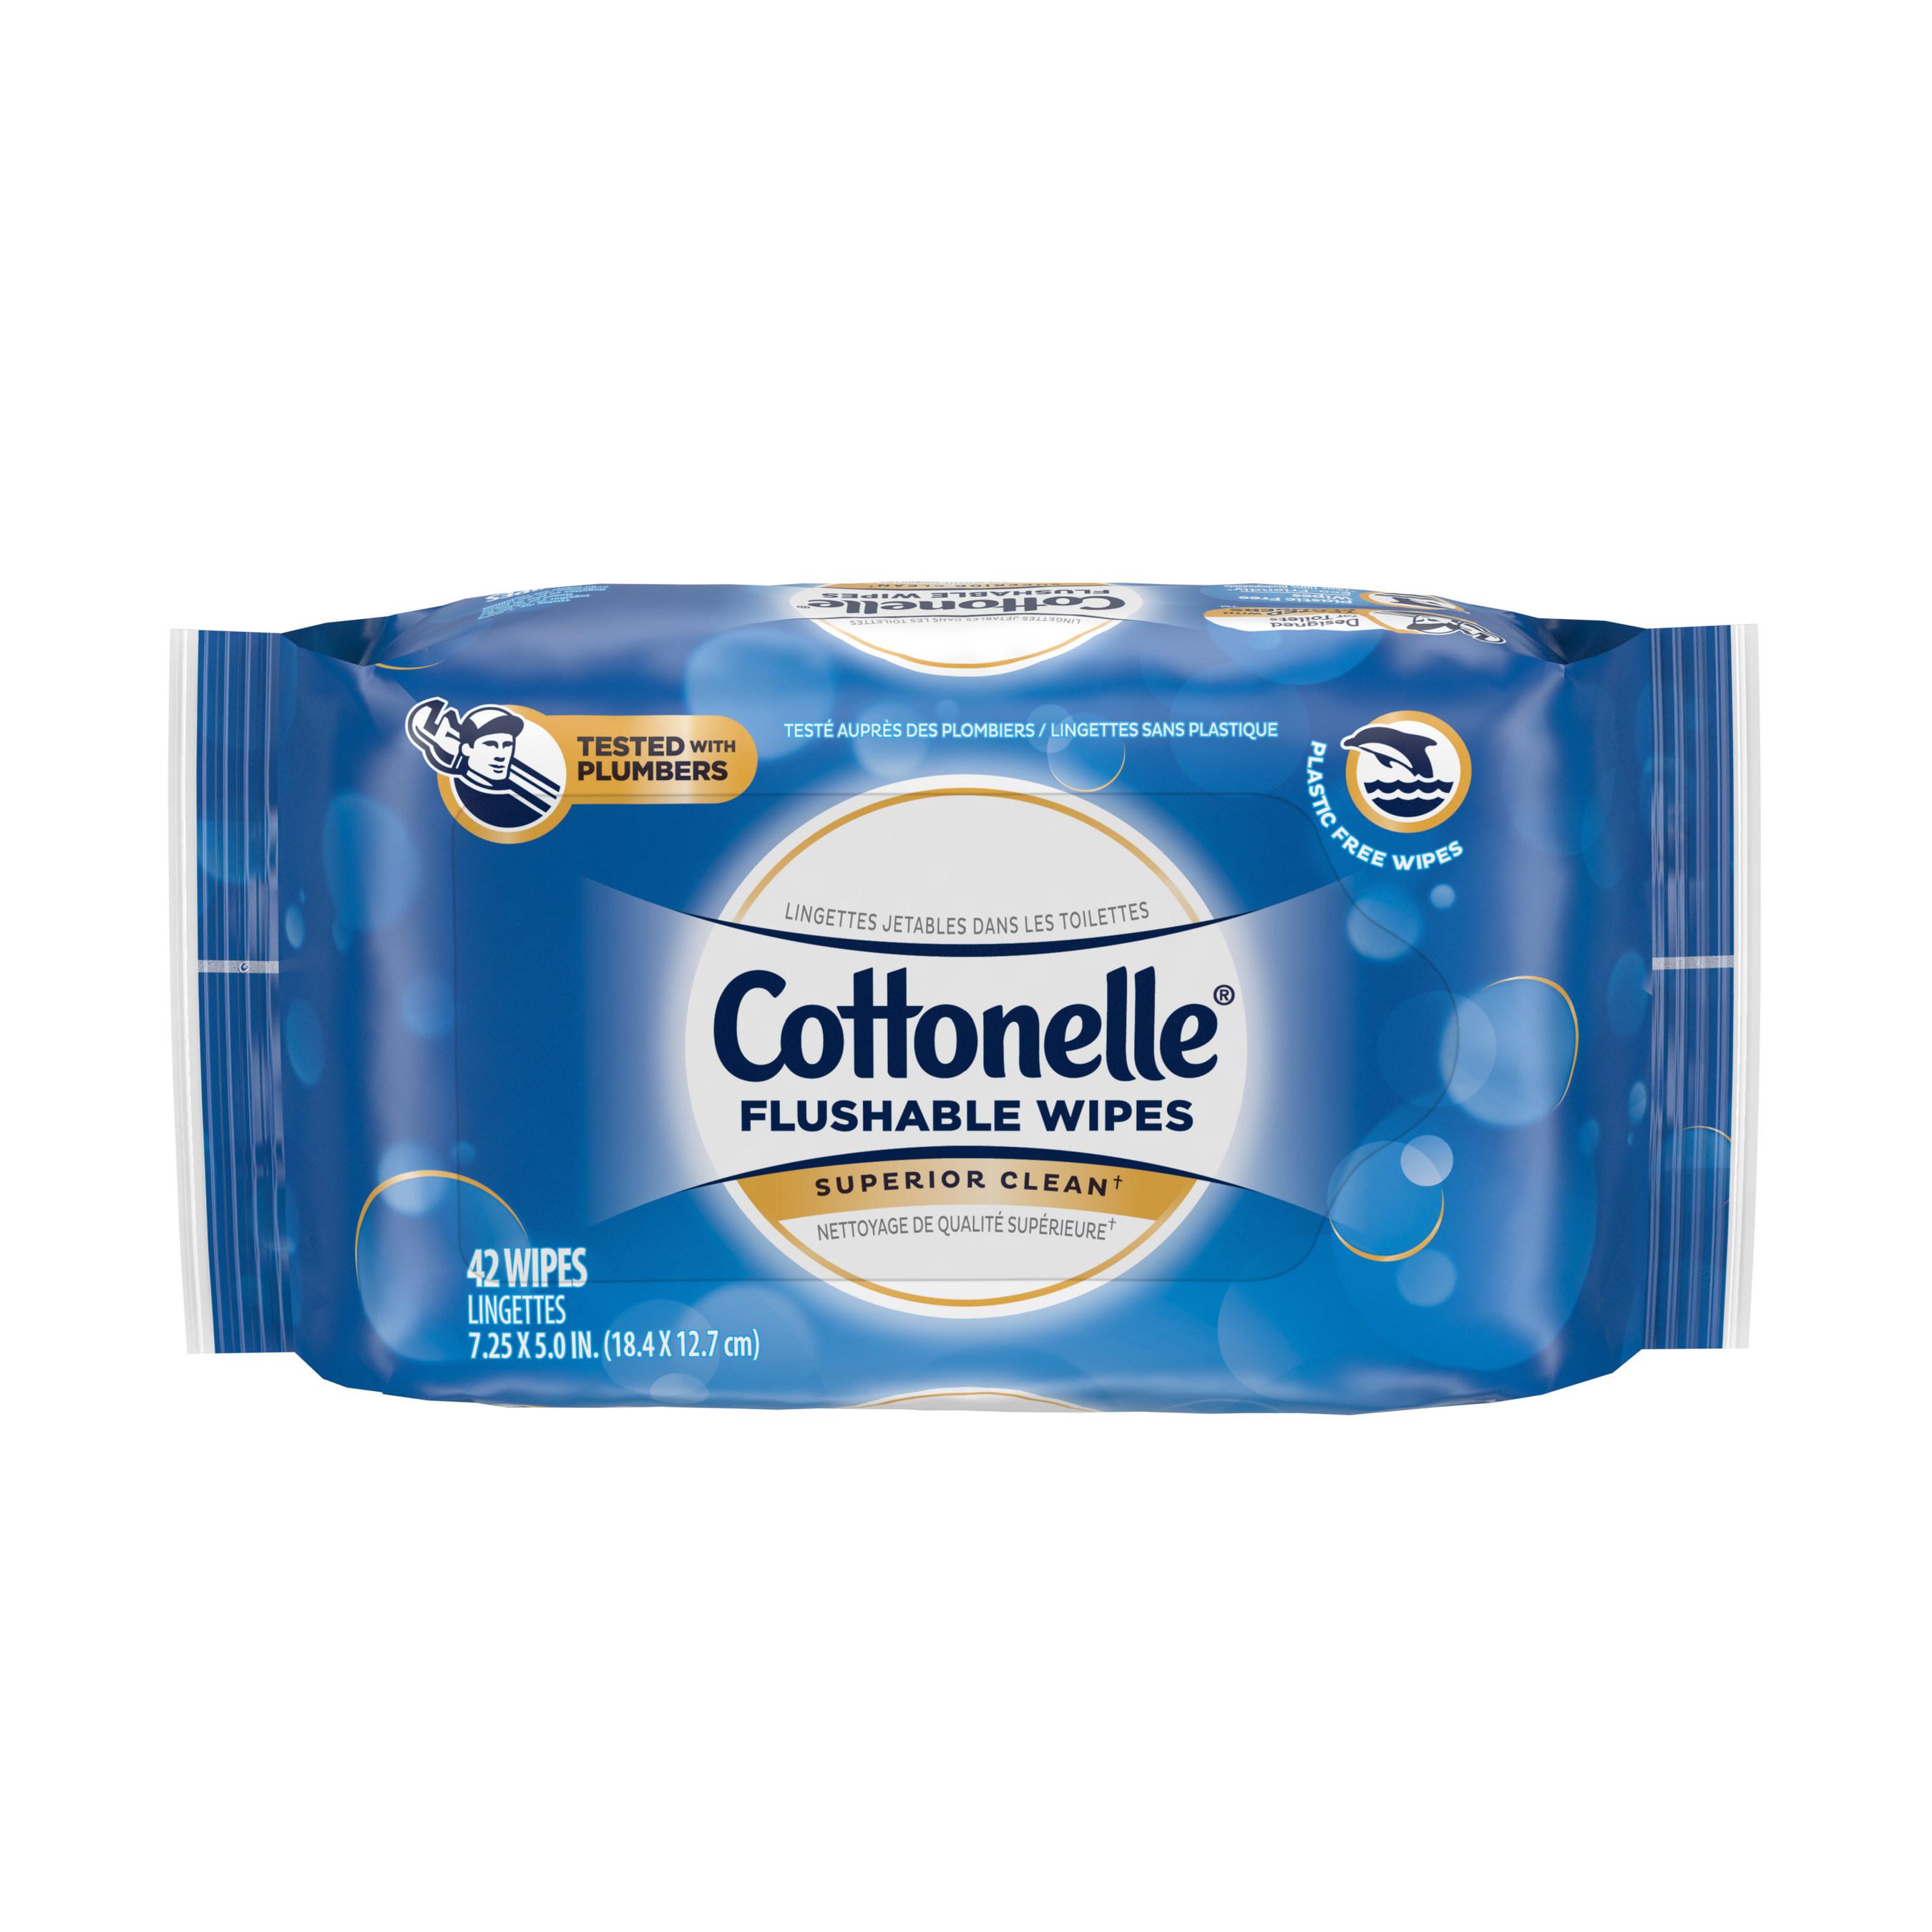 Cottonelle Flushable Wipes42ct